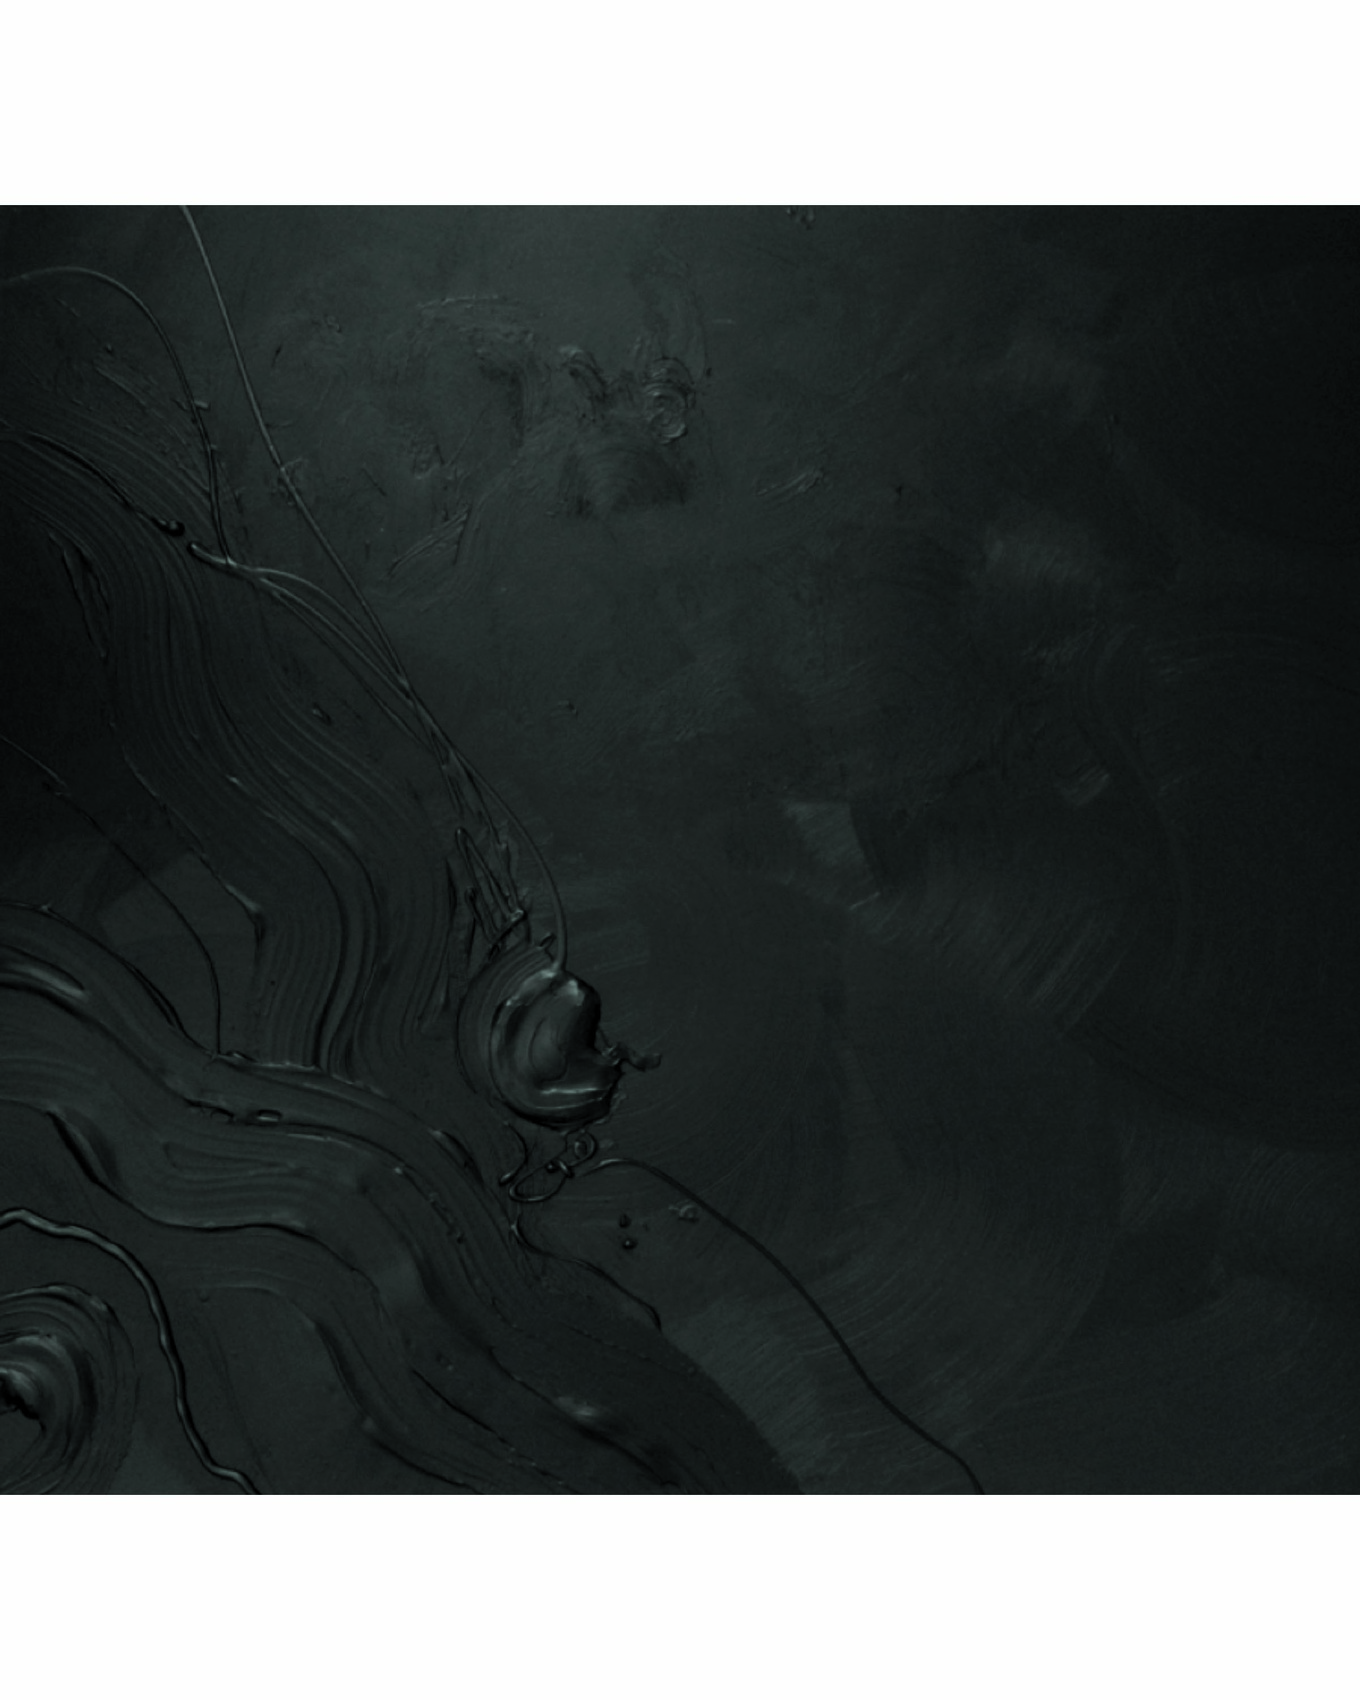 Peinture Monochrome noir